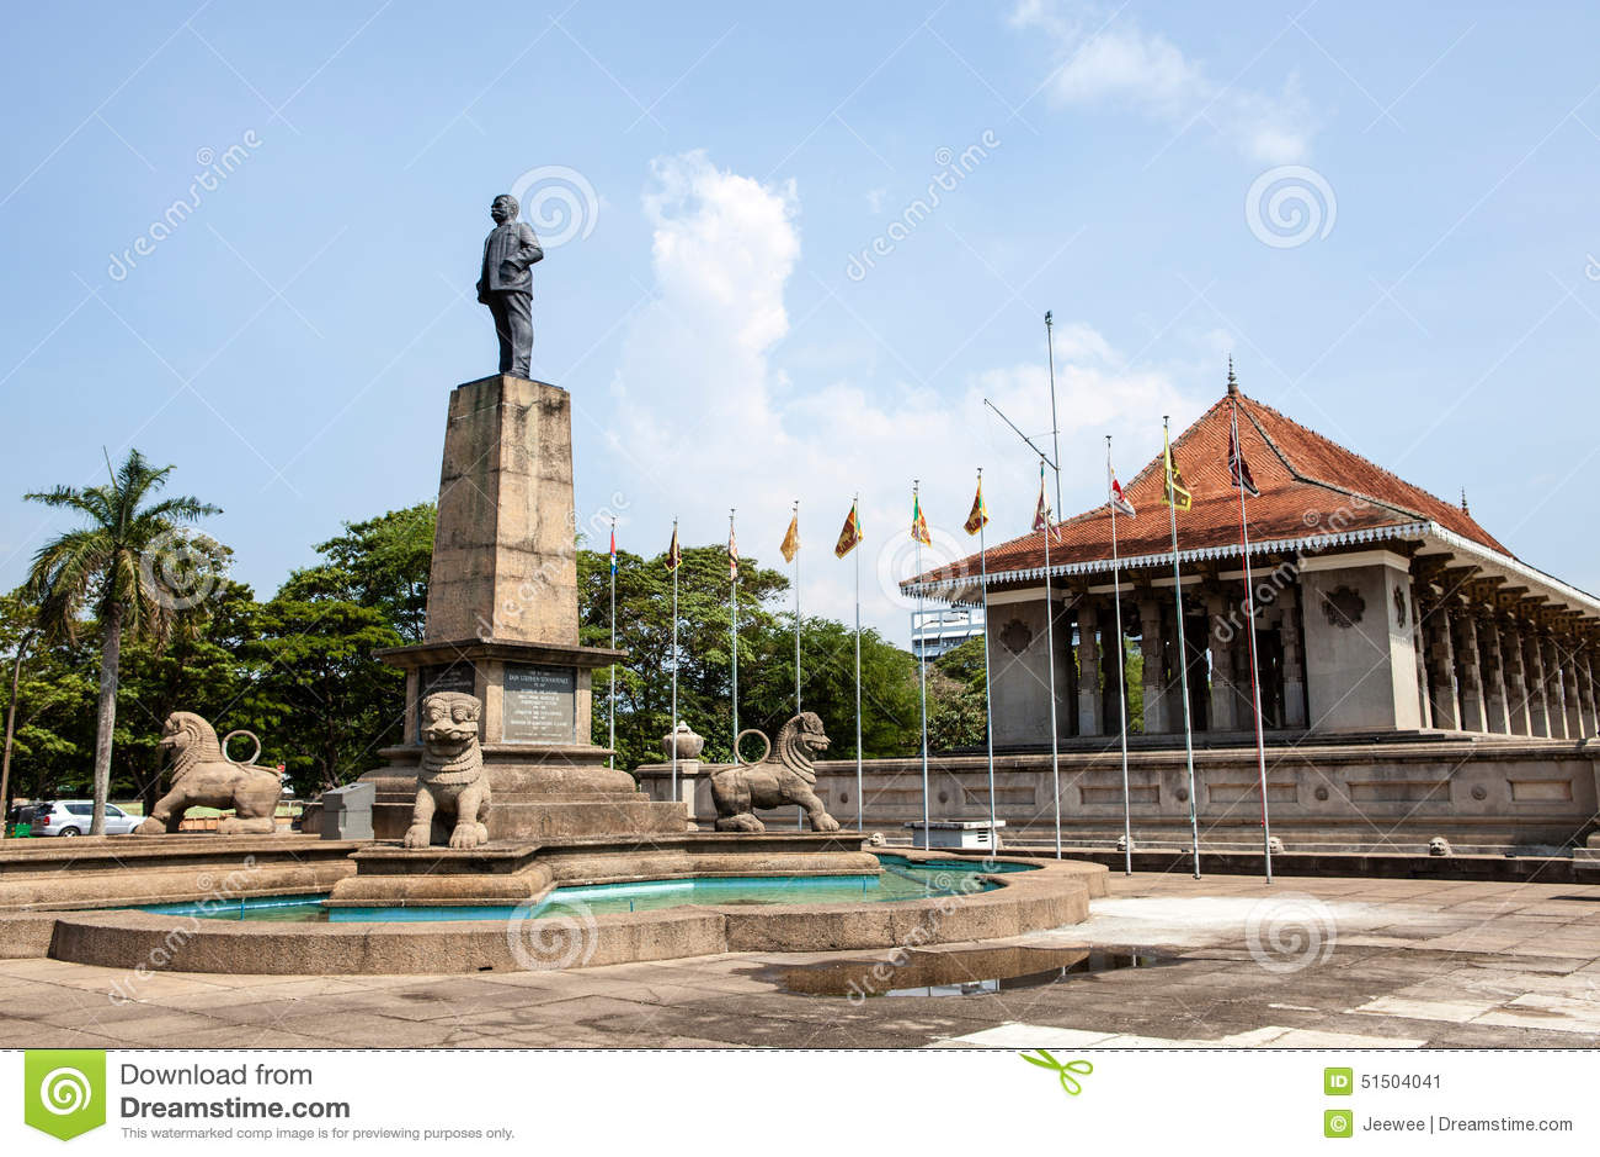 Indipendenza Memorial Hall a Colombo, capitale dello Sri Lanka